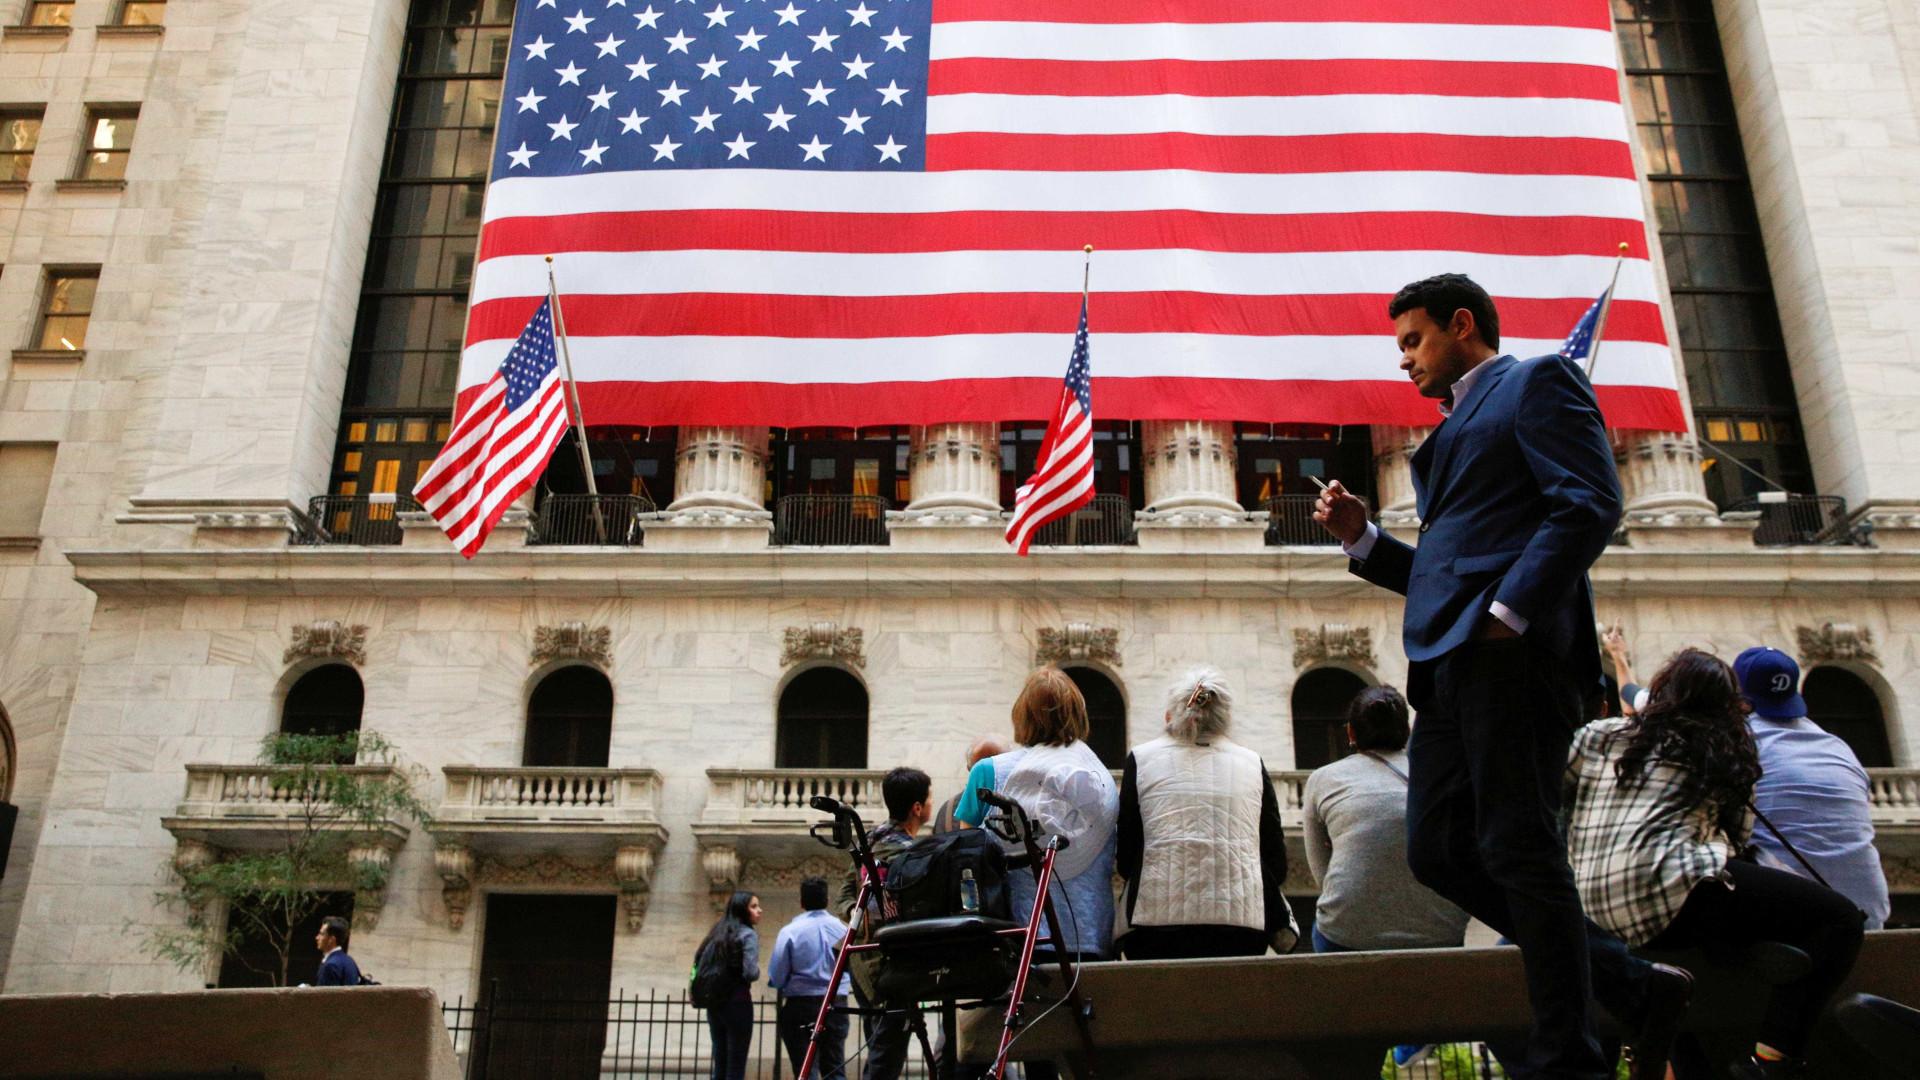 Bolsa de Nova Iorque negoceia em alta impulsionada por vendas a retalho